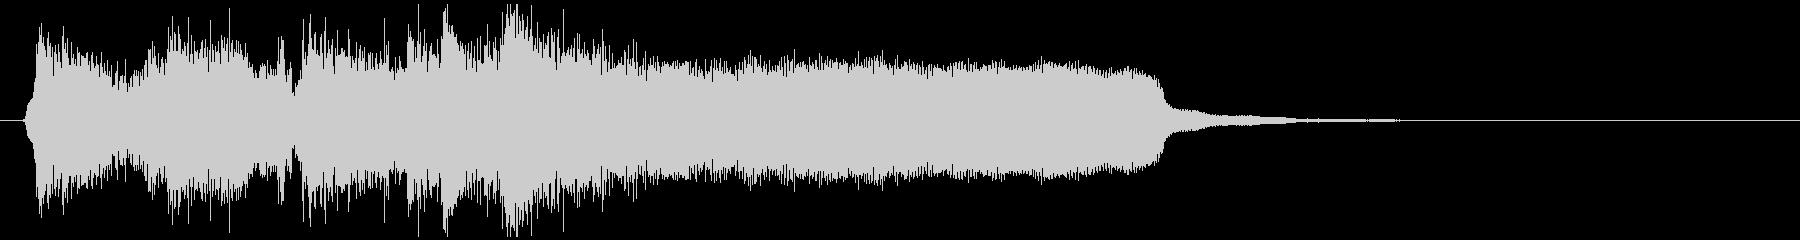 滑らかスタイリッシュなジャズサウンドロゴの未再生の波形